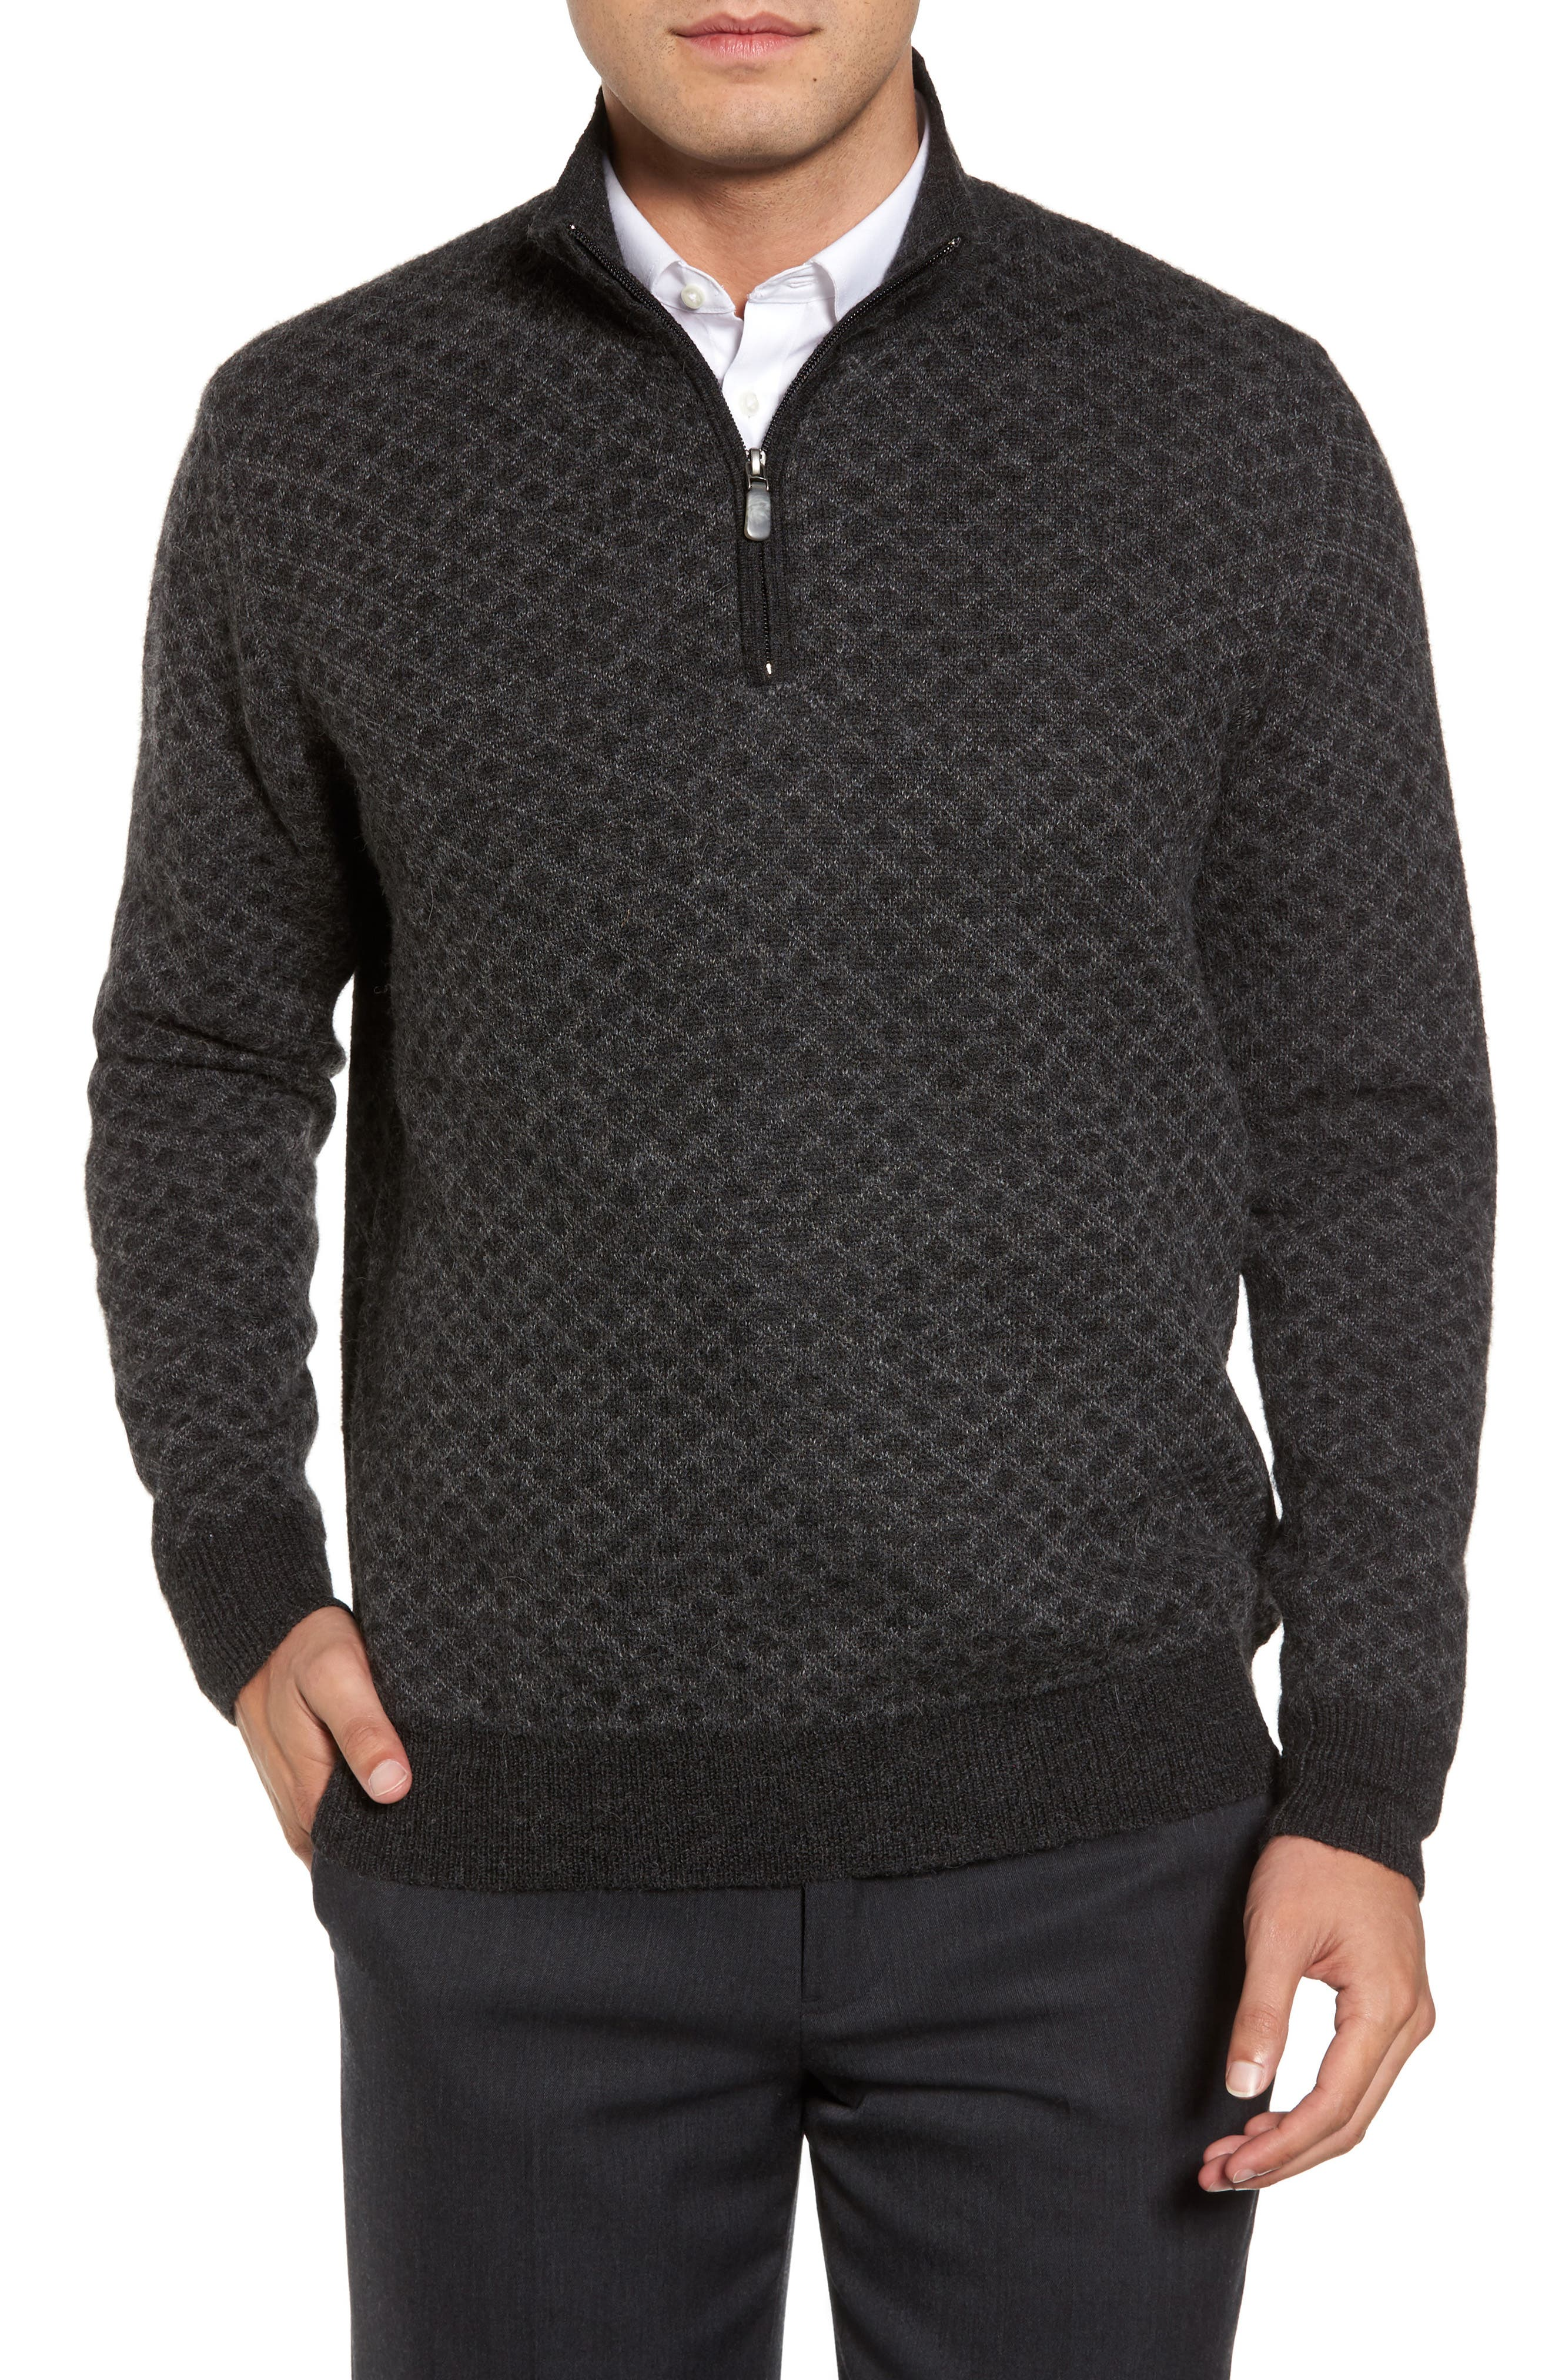 Diamond Quarter Zip Alpaca Sweater,                         Main,                         color, 020